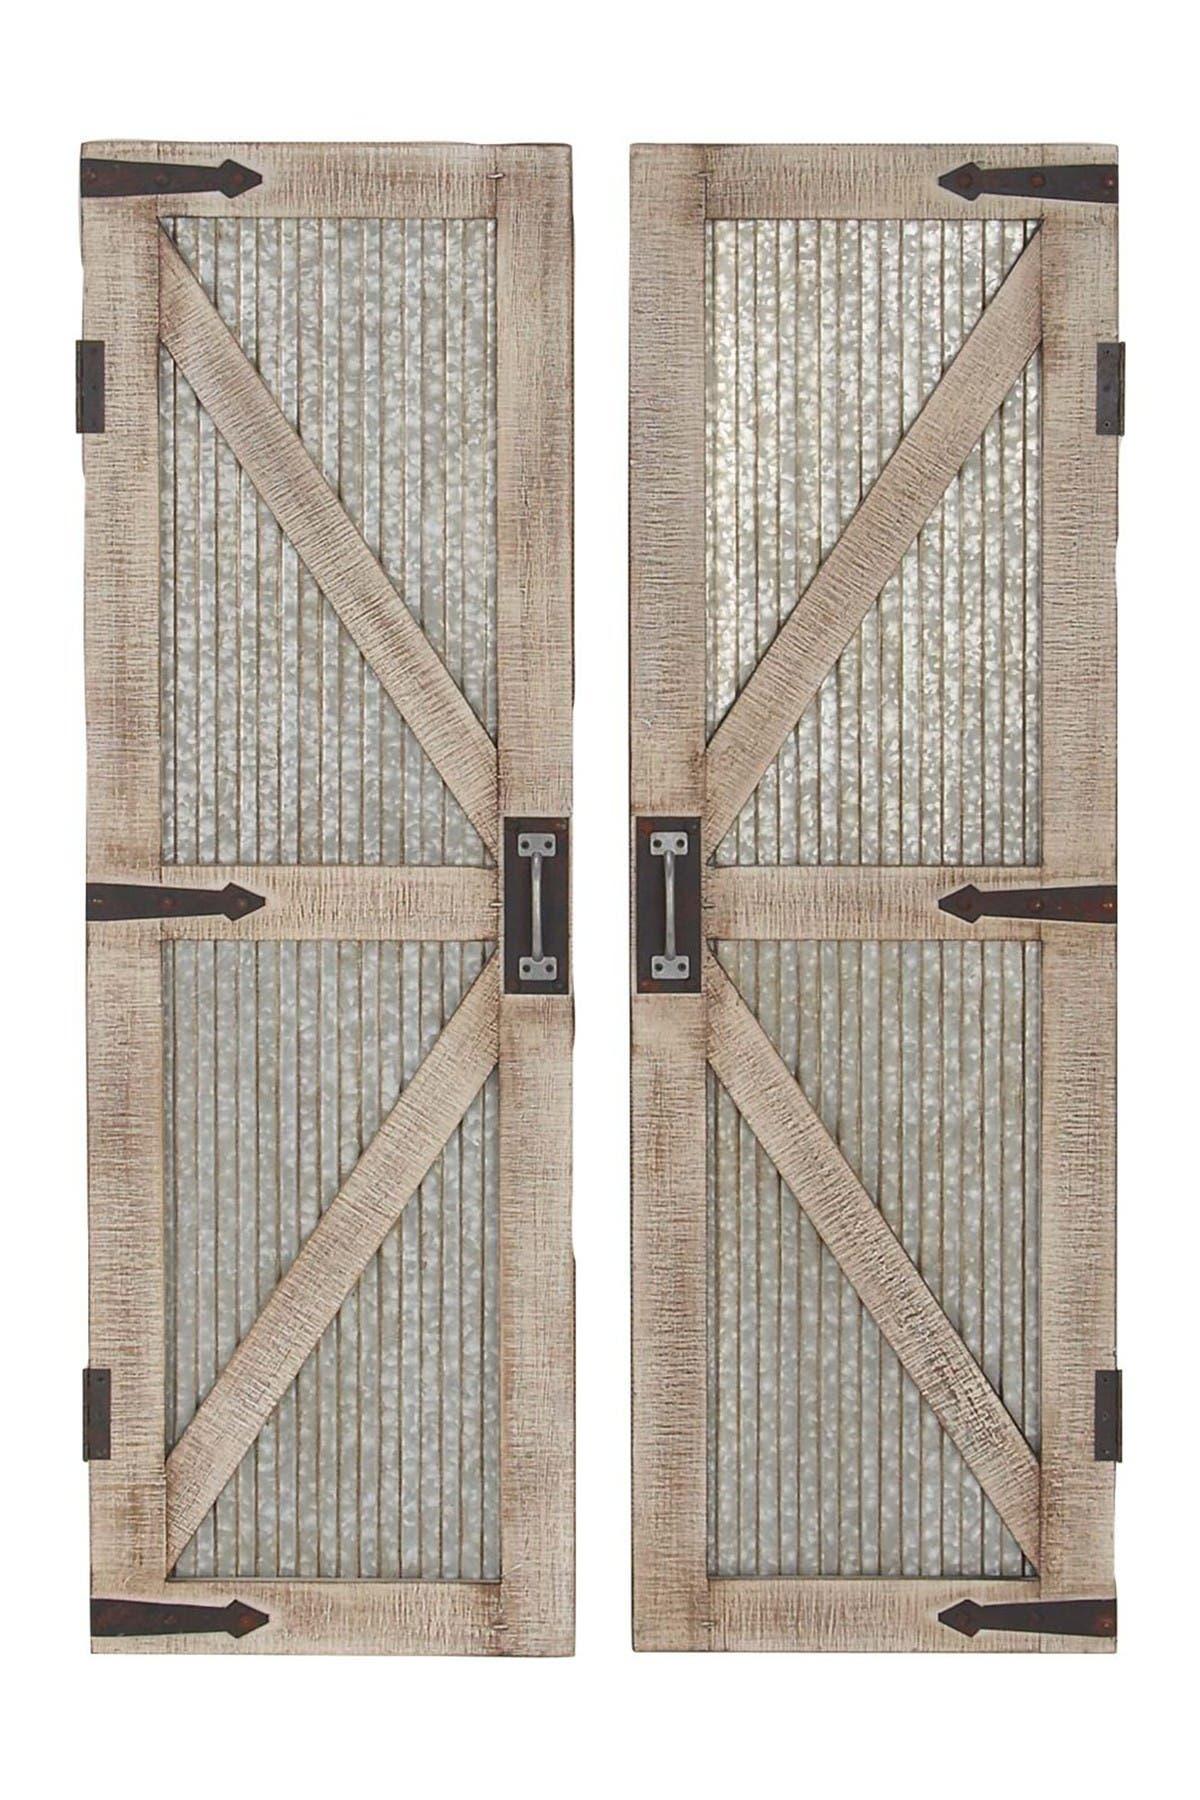 Image of Willow Row Wood Metal Barn Door - 2-Piece Set